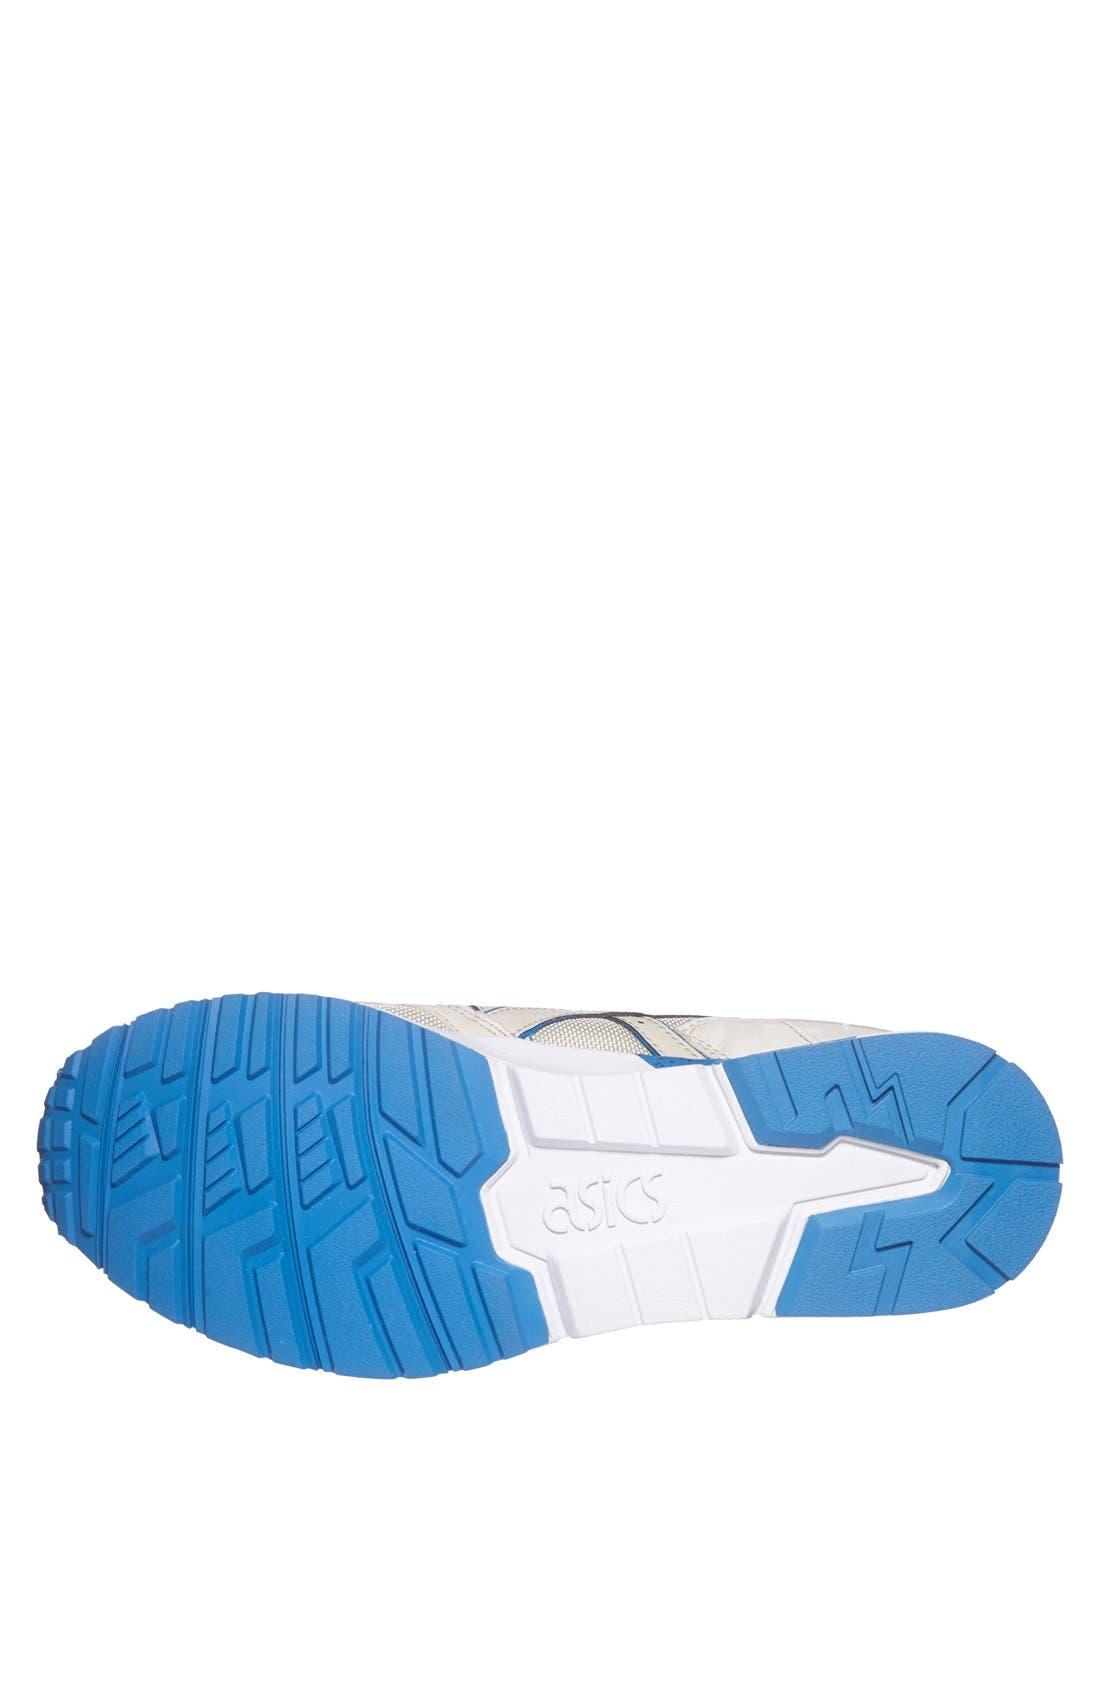 Alternate Image 4  - ASICS® 'GEL-Lyte V' Sneaker (Men)